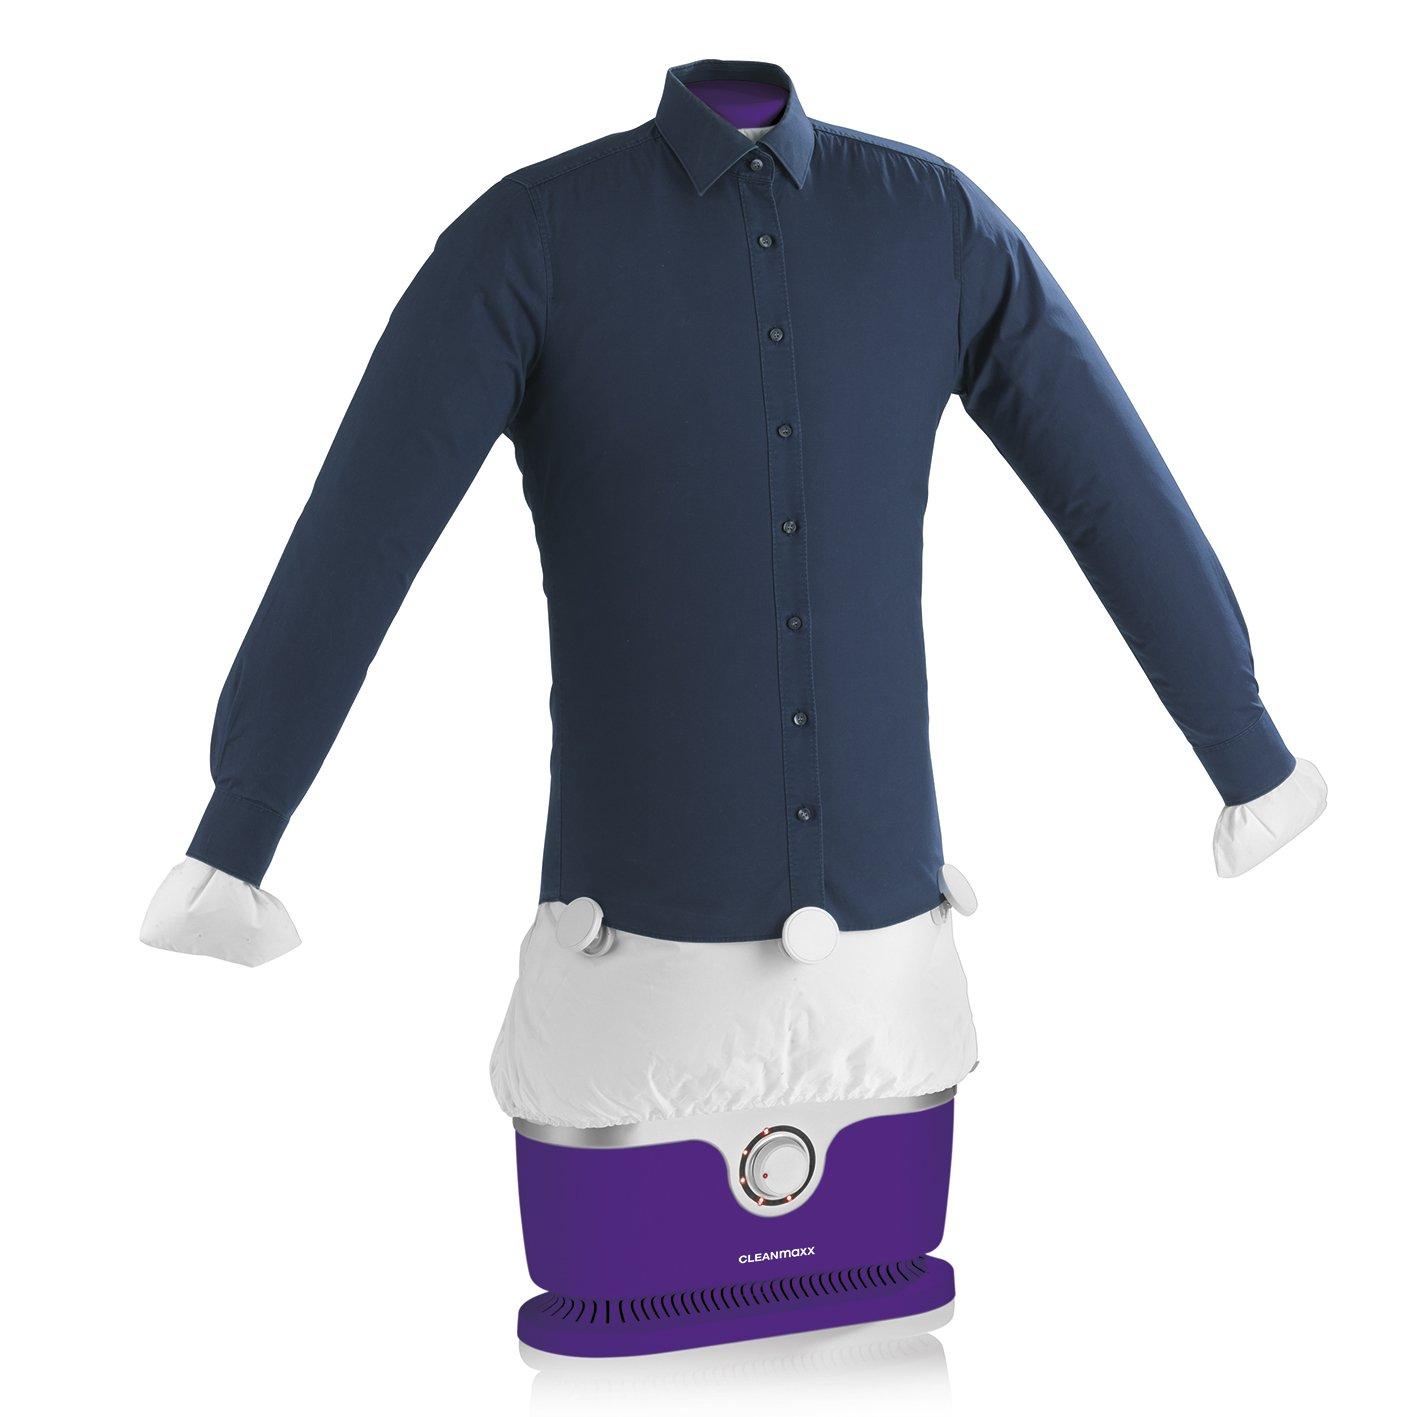 Máquina de planchado automático para camisas y blusas (seca y plancha la ropa automáticamente en un solo paso) morado: Amazon.es: Hogar